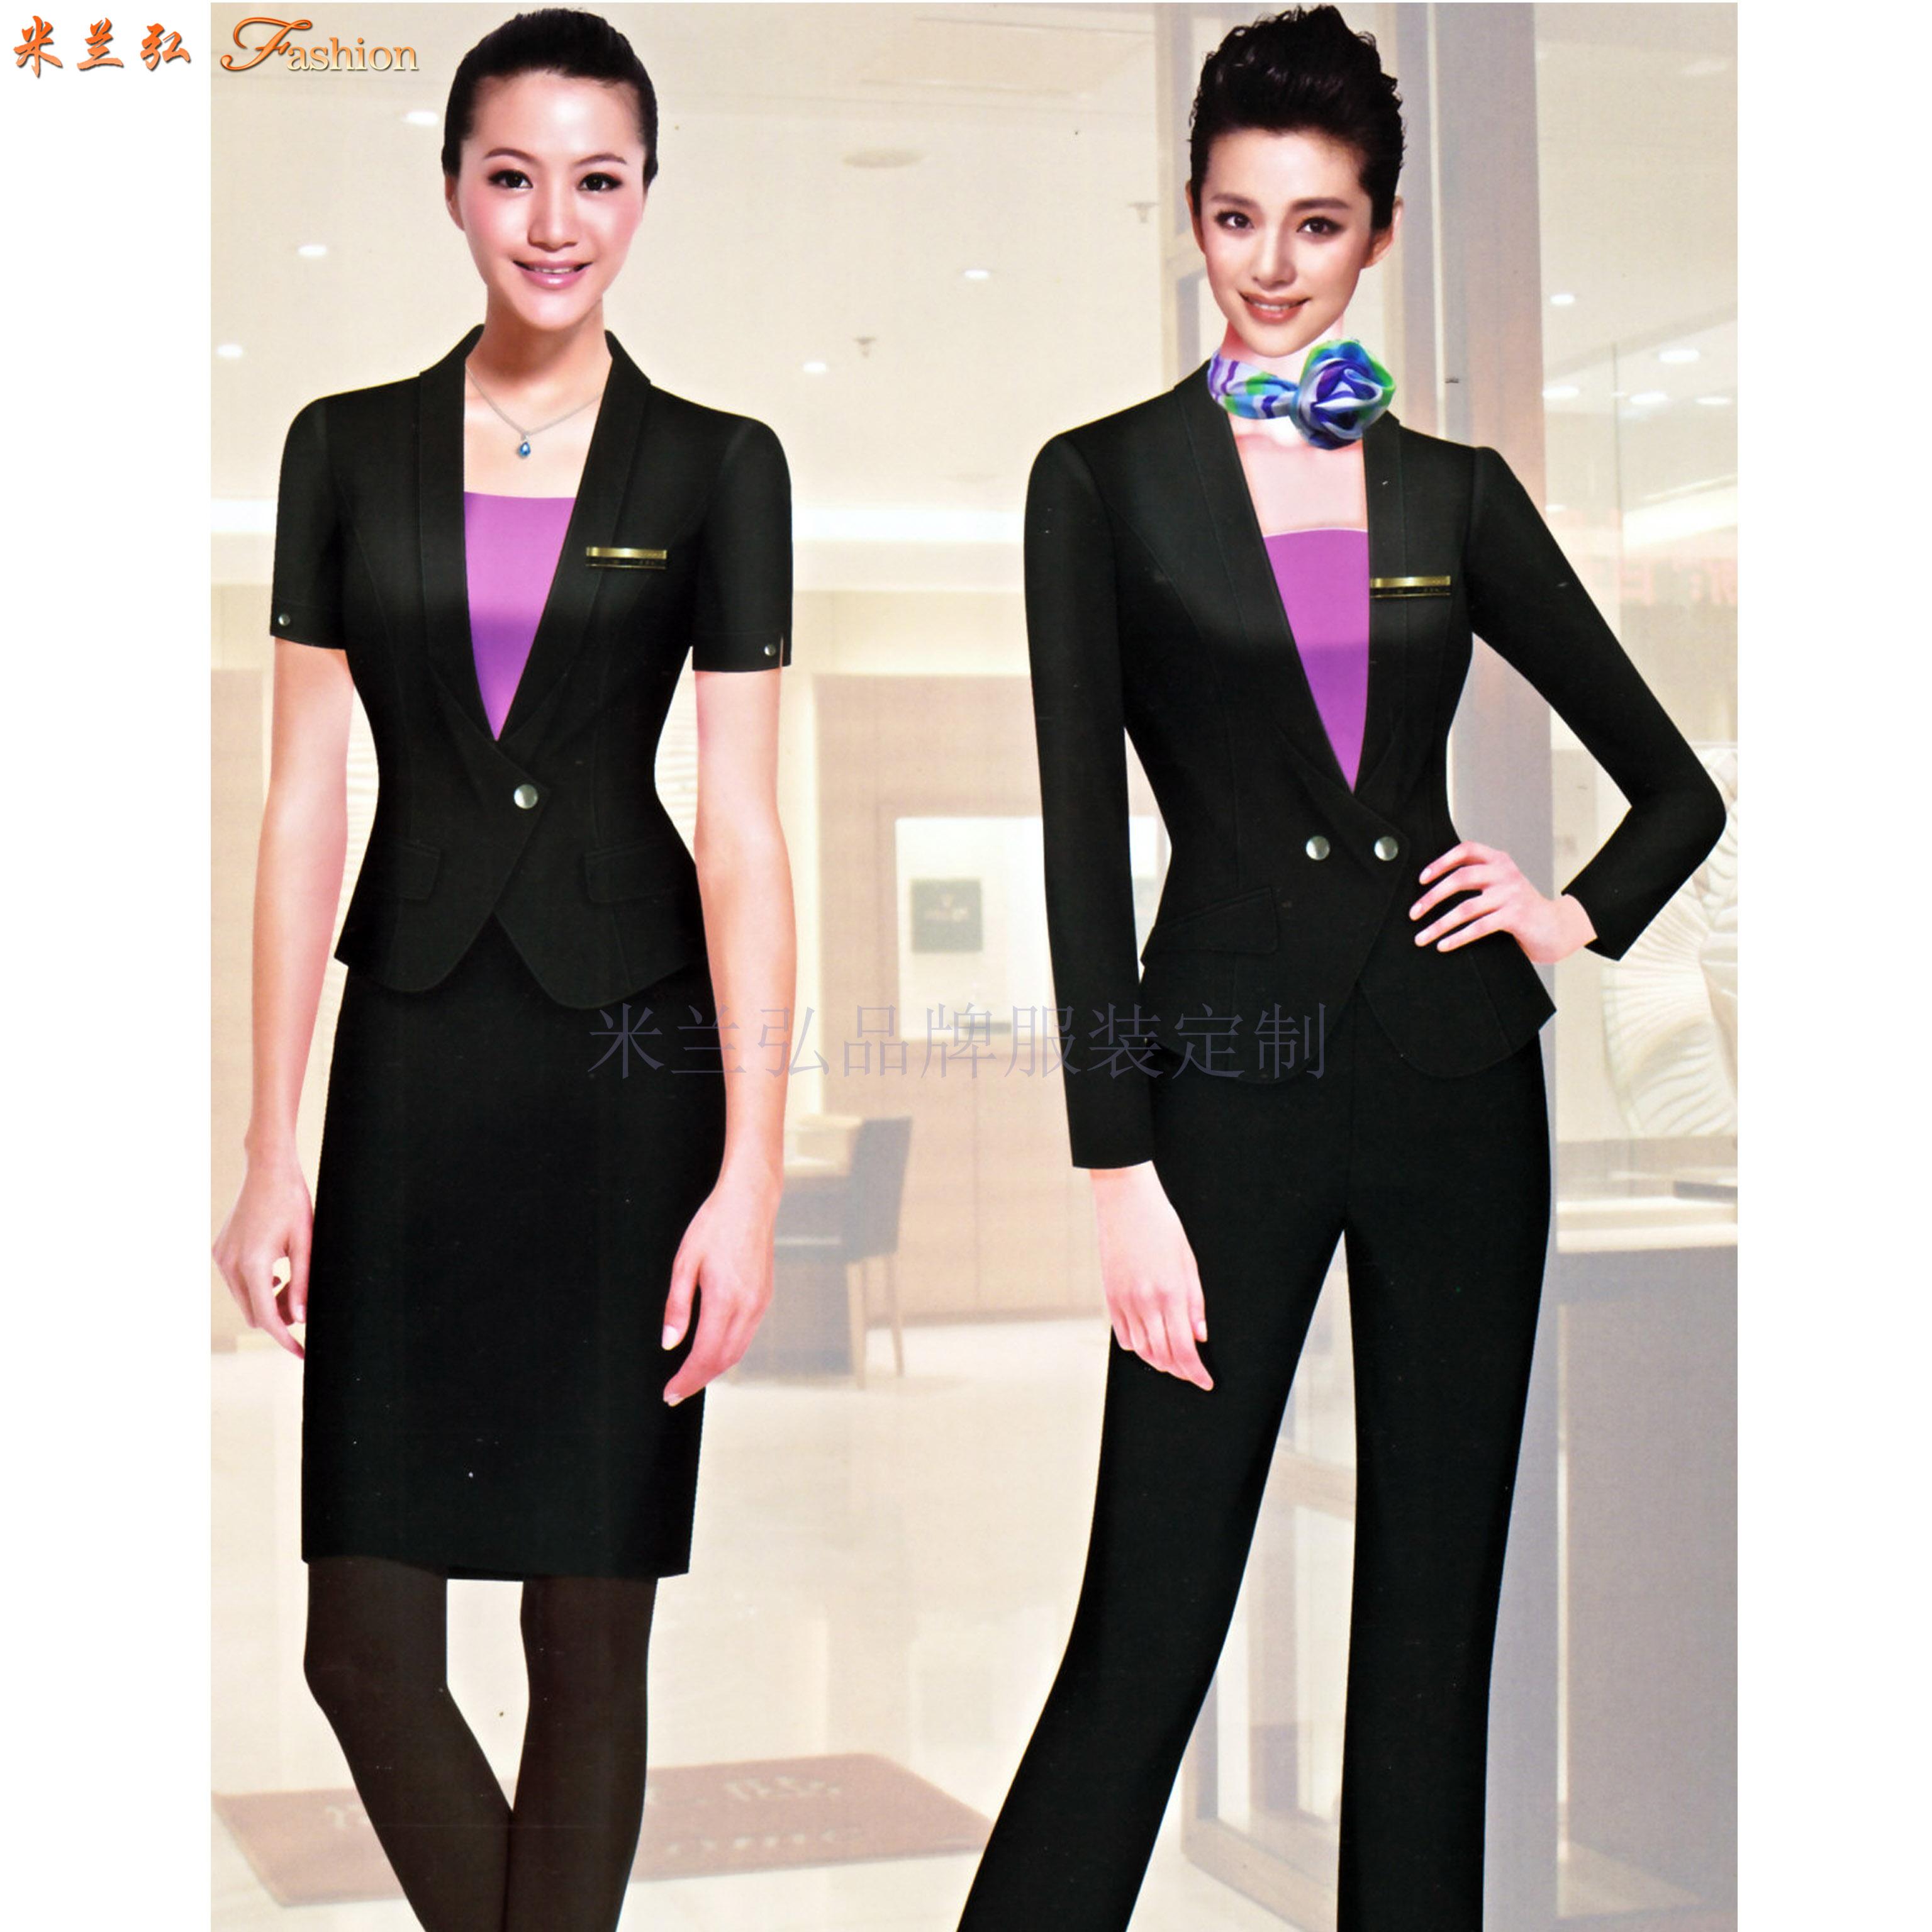 職業裝女裝西裝-白領職業裝女裝套裝-米蘭弘服裝-3